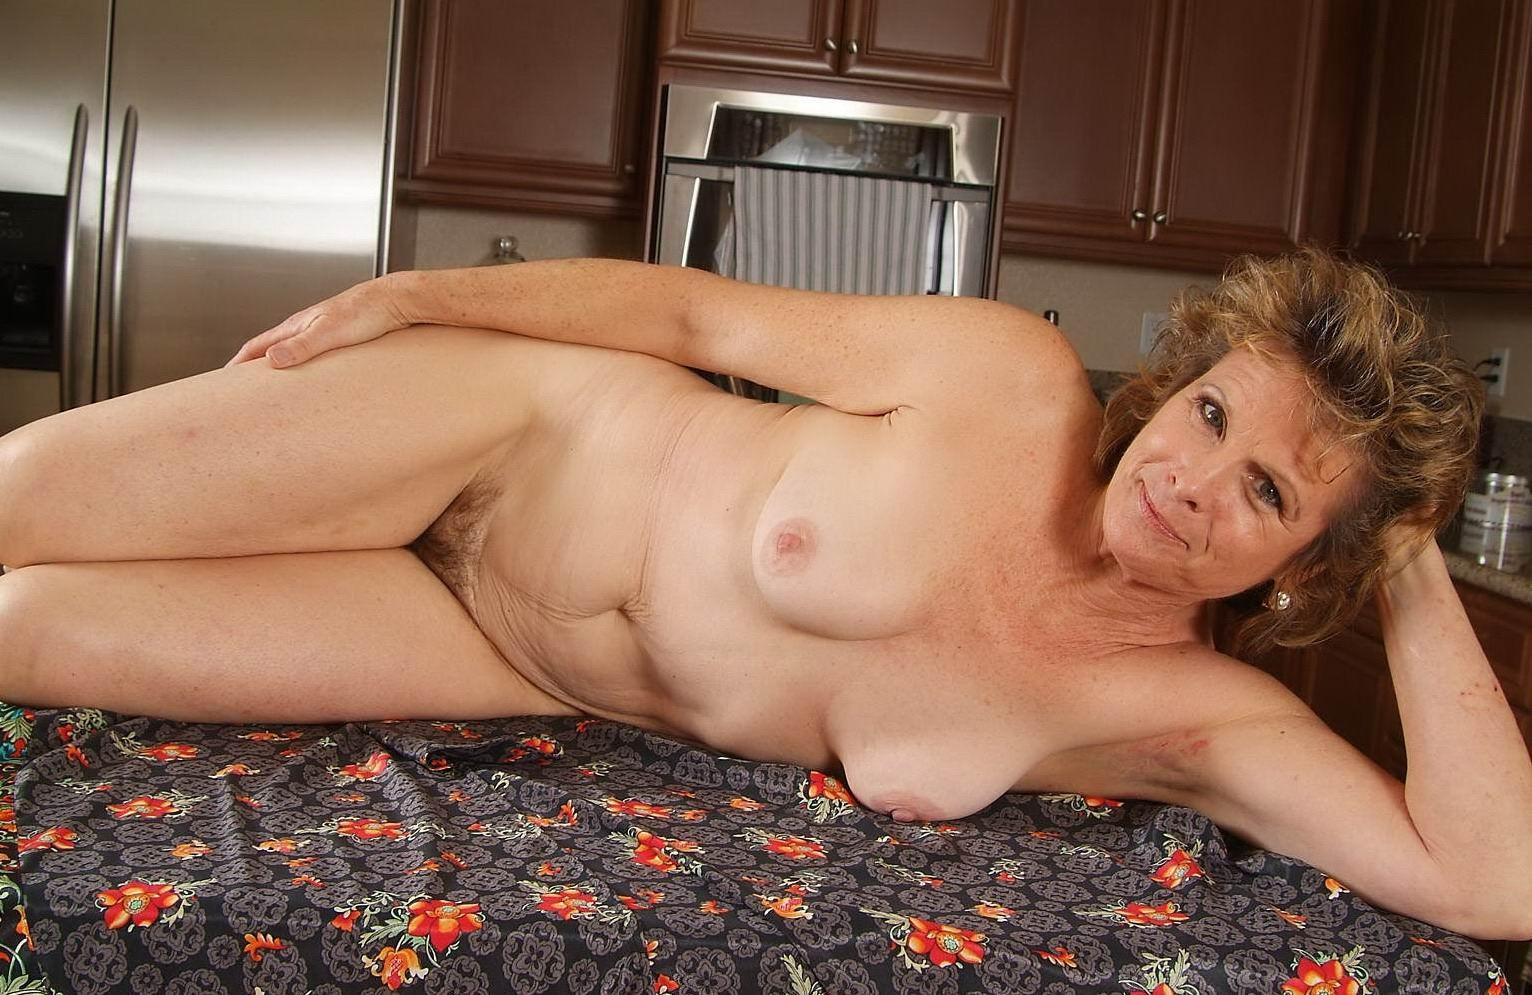 galleries-of-hot-mature-women